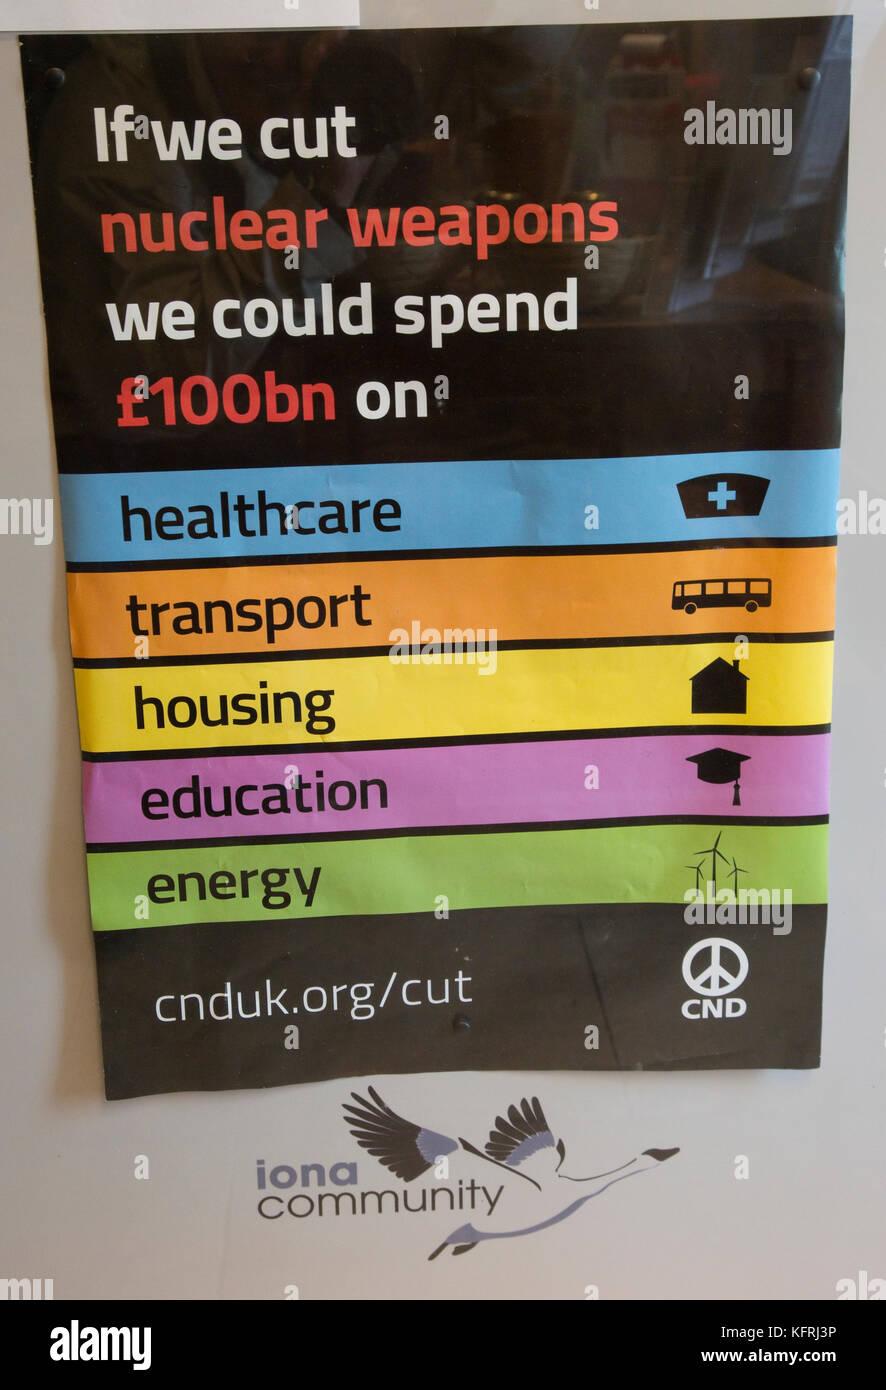 Comunidad iona poster cut armas nucleares ayuda Society Scotland Imagen De Stock